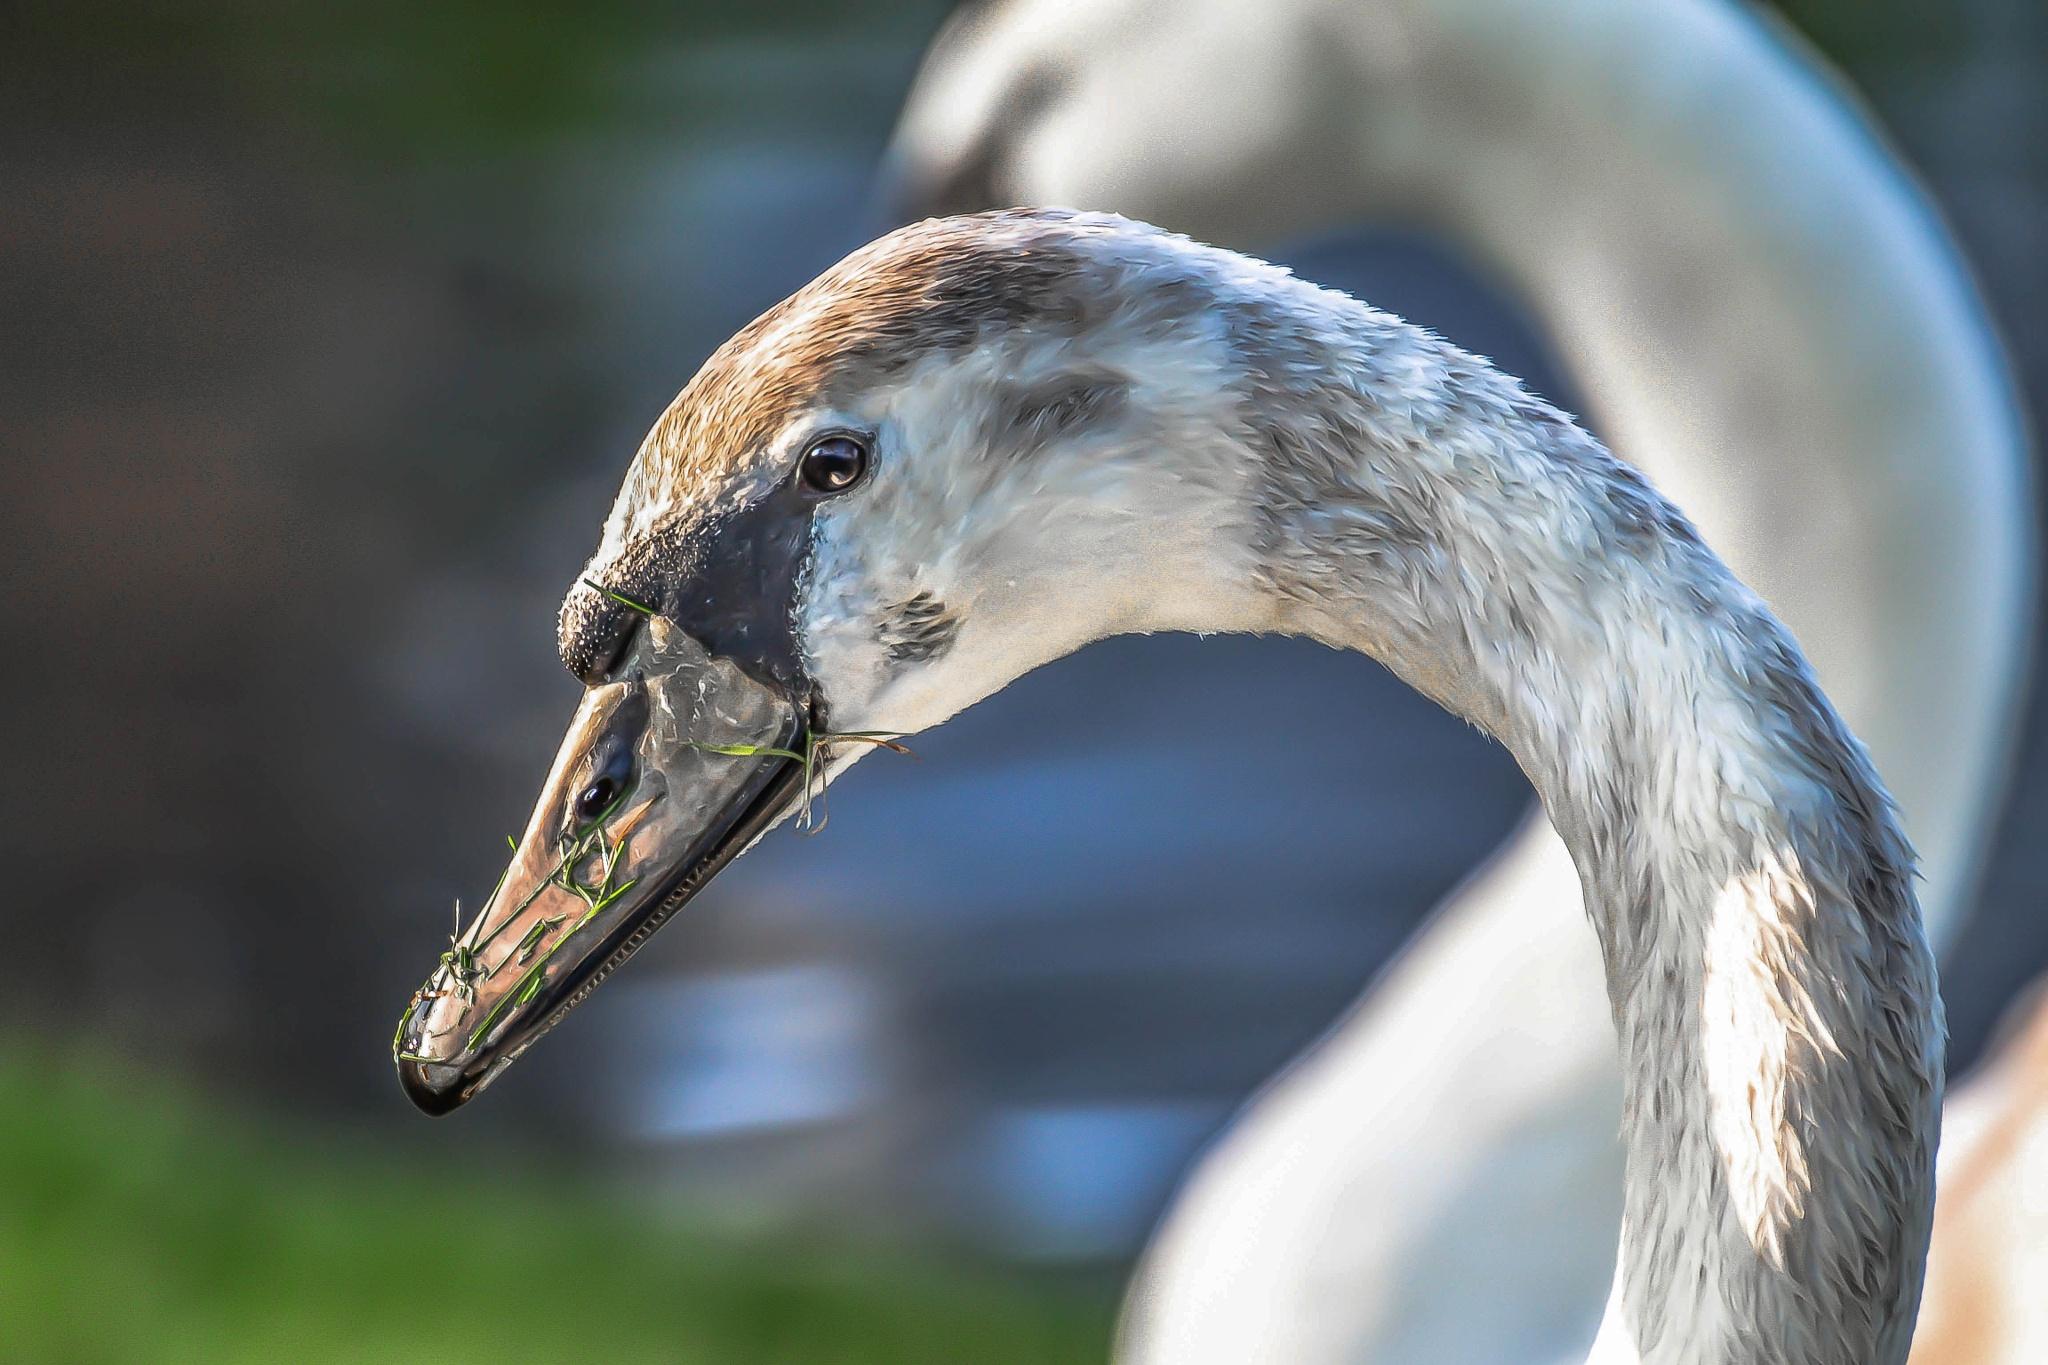 Swan by ilseBodewes